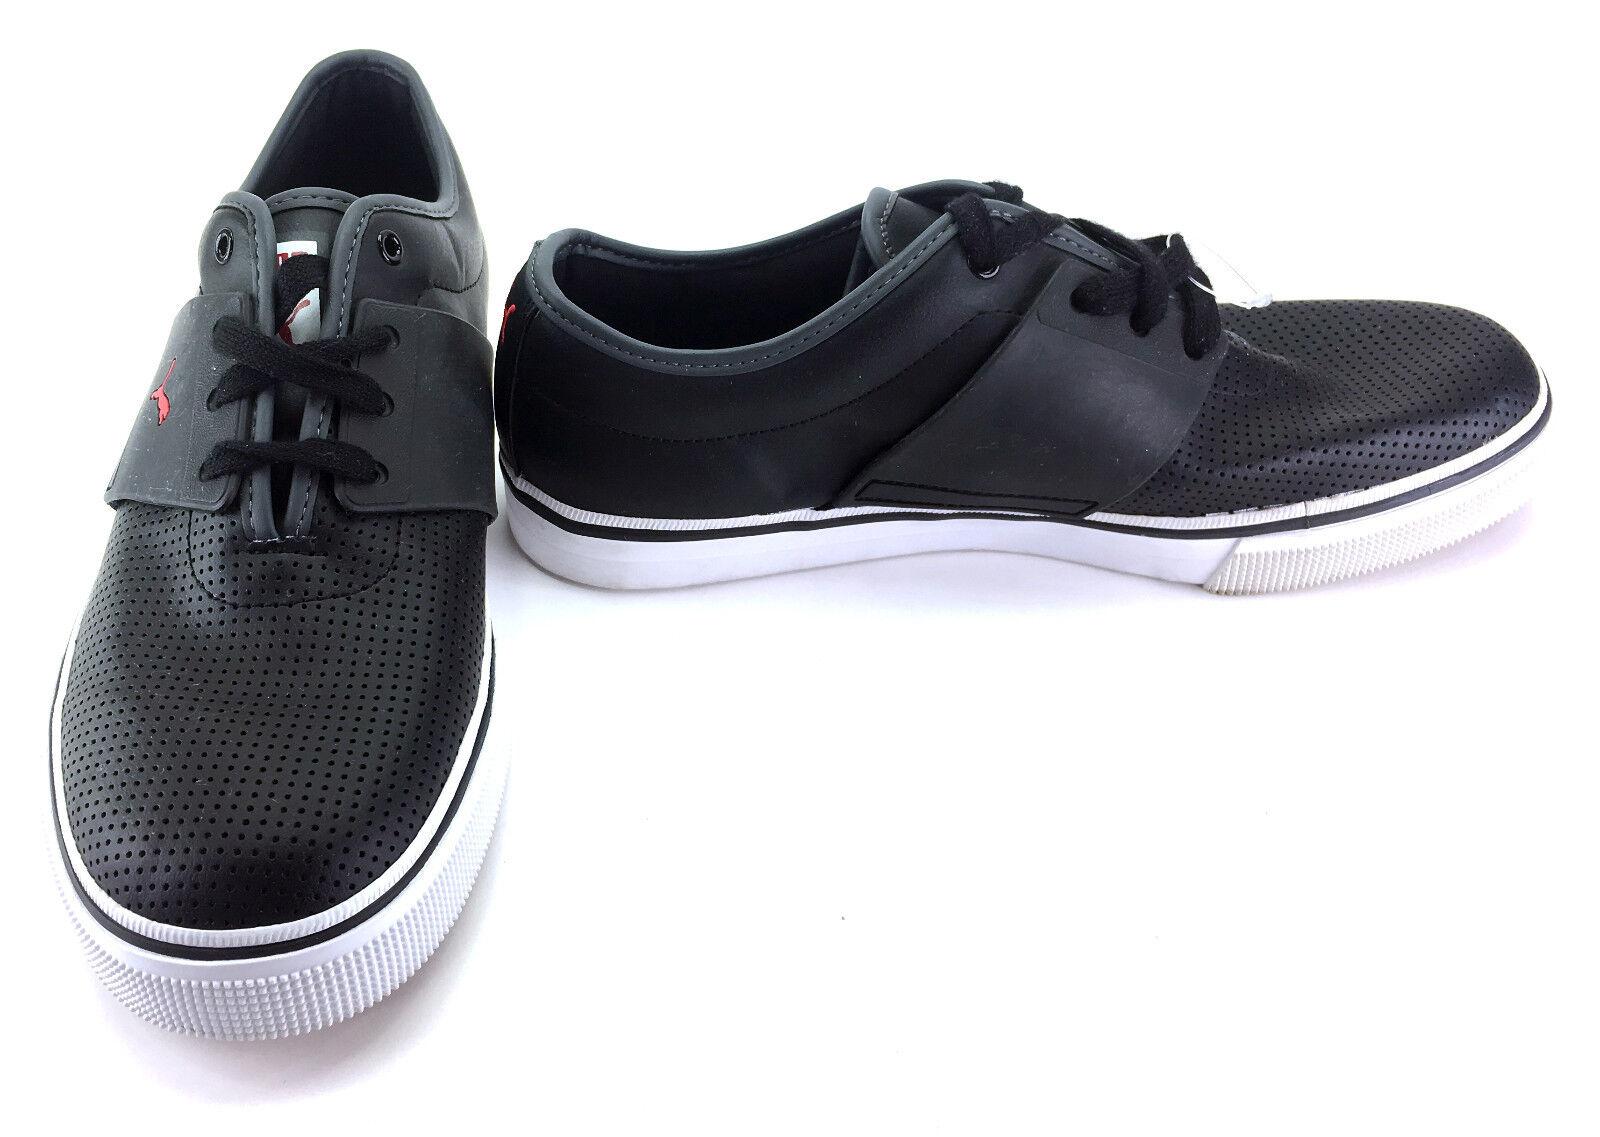 promo code 3b76c 3aba6 Zapatos Zapatos Zapatos puma el Ace negro zapatillas comodas marca de  descuento a8b8f8